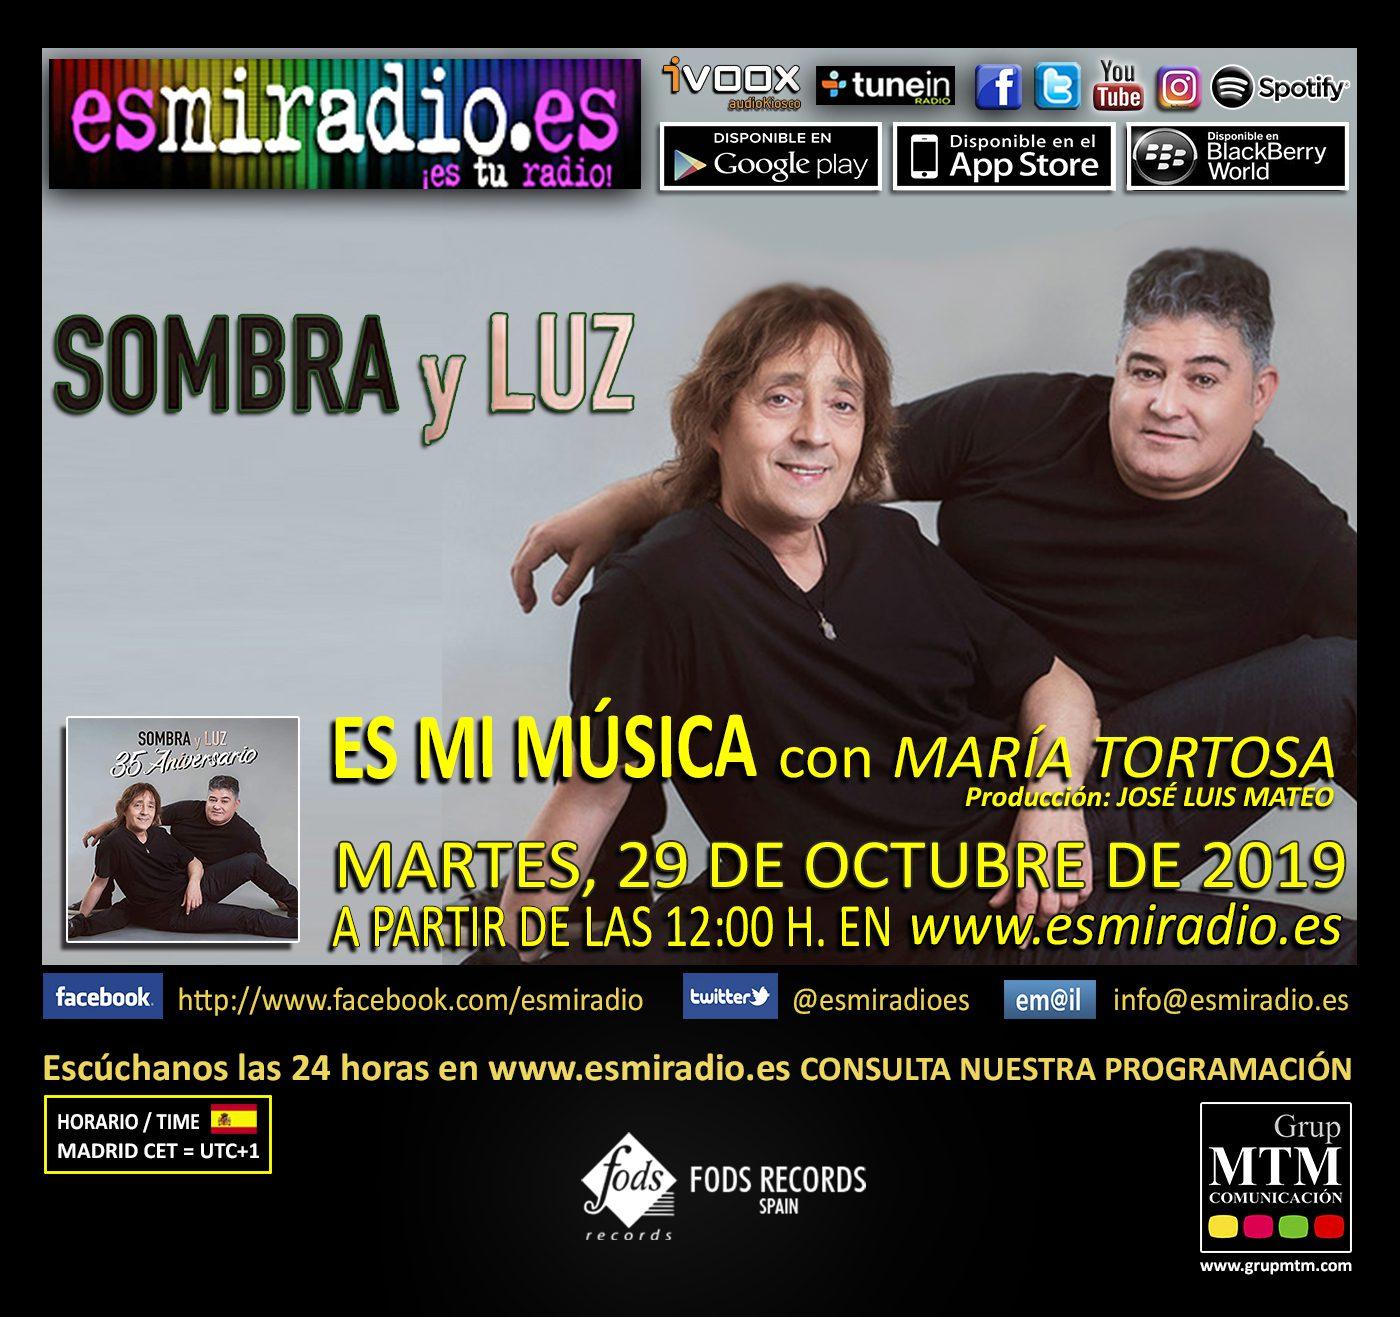 Sombra y Luz 291019 esmiradio